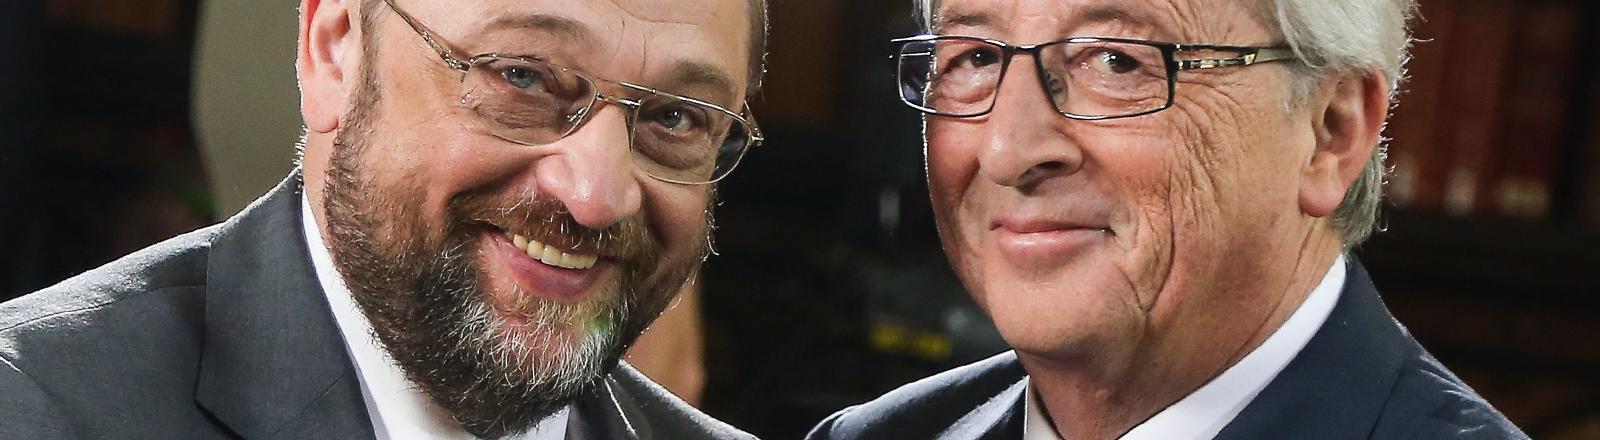 Martin Schulz und Jean-Claude Juncker stehen am 09.04.2014 nebeneinander.